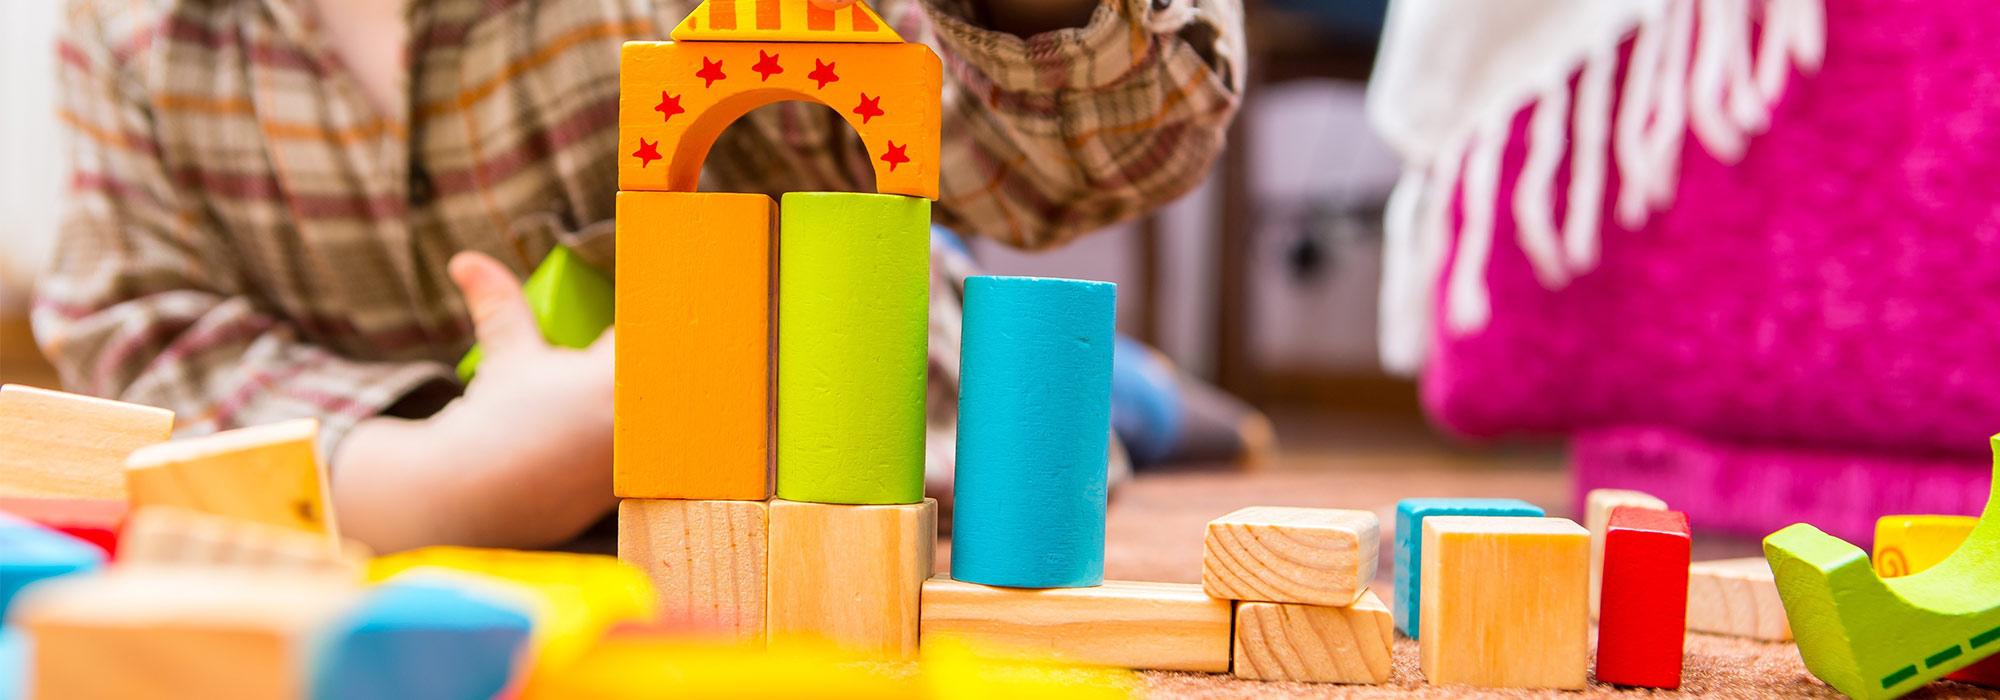 kids-world-holzspielzeug